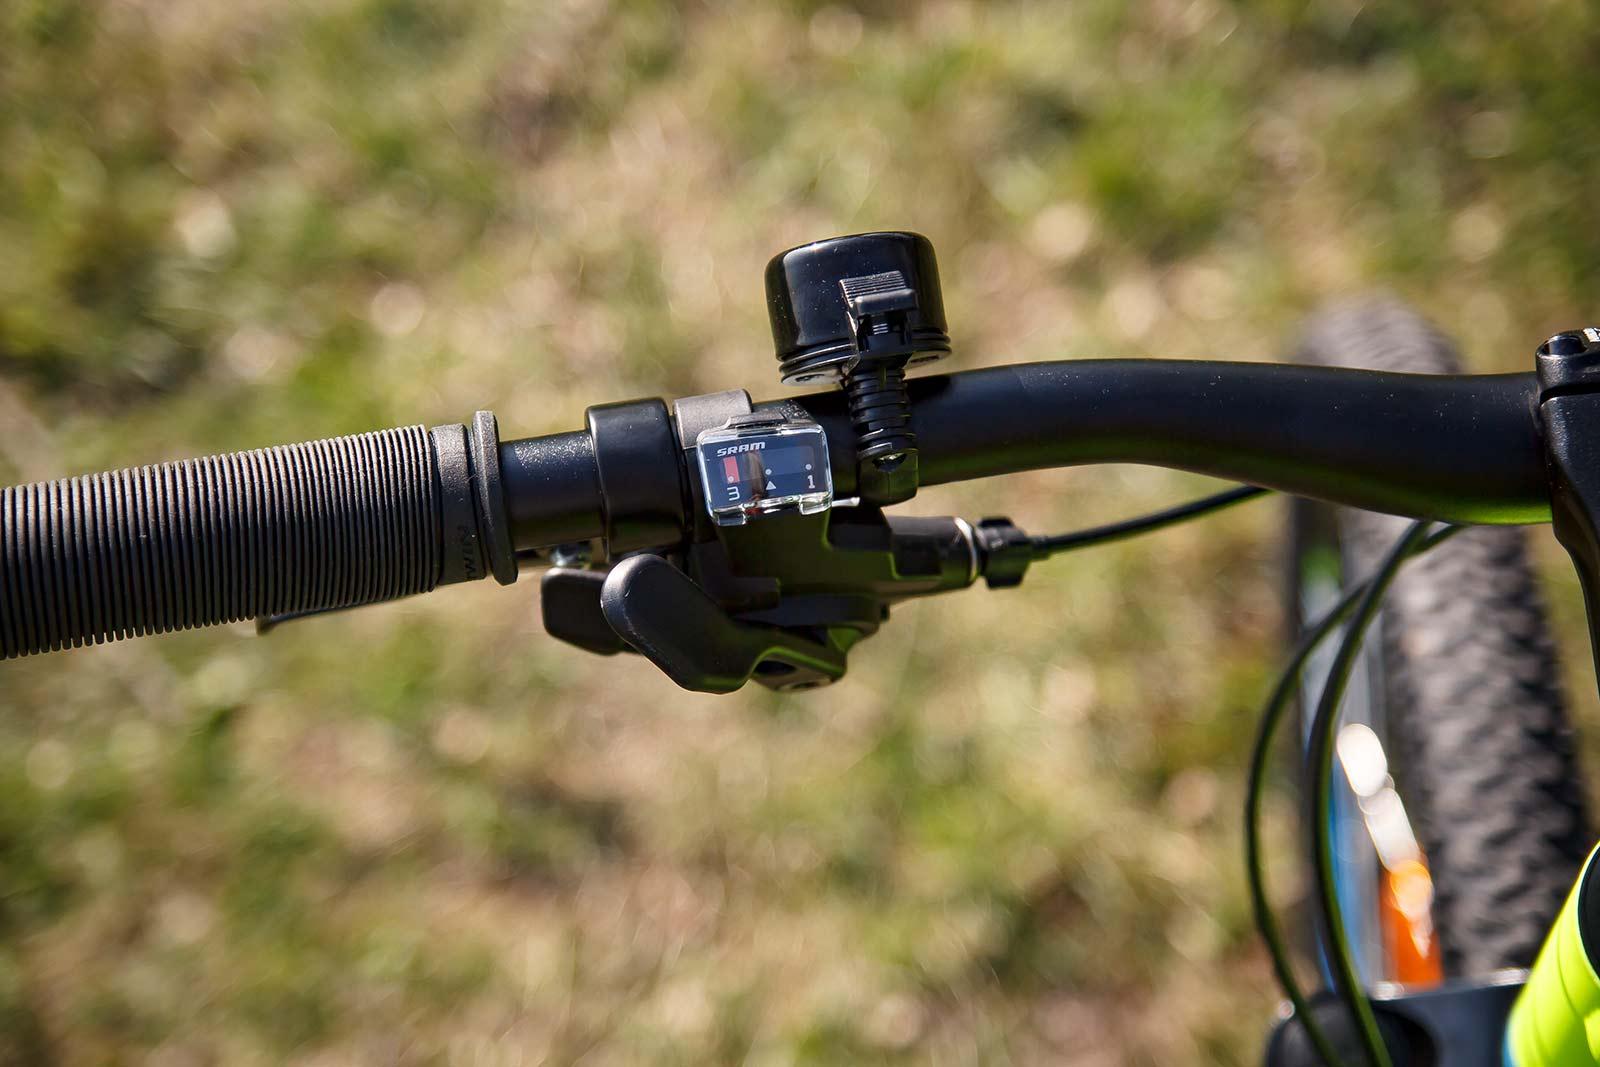 Btwin Rockrider 520 Einsteigerrad Oder Geldverschwendung Inside